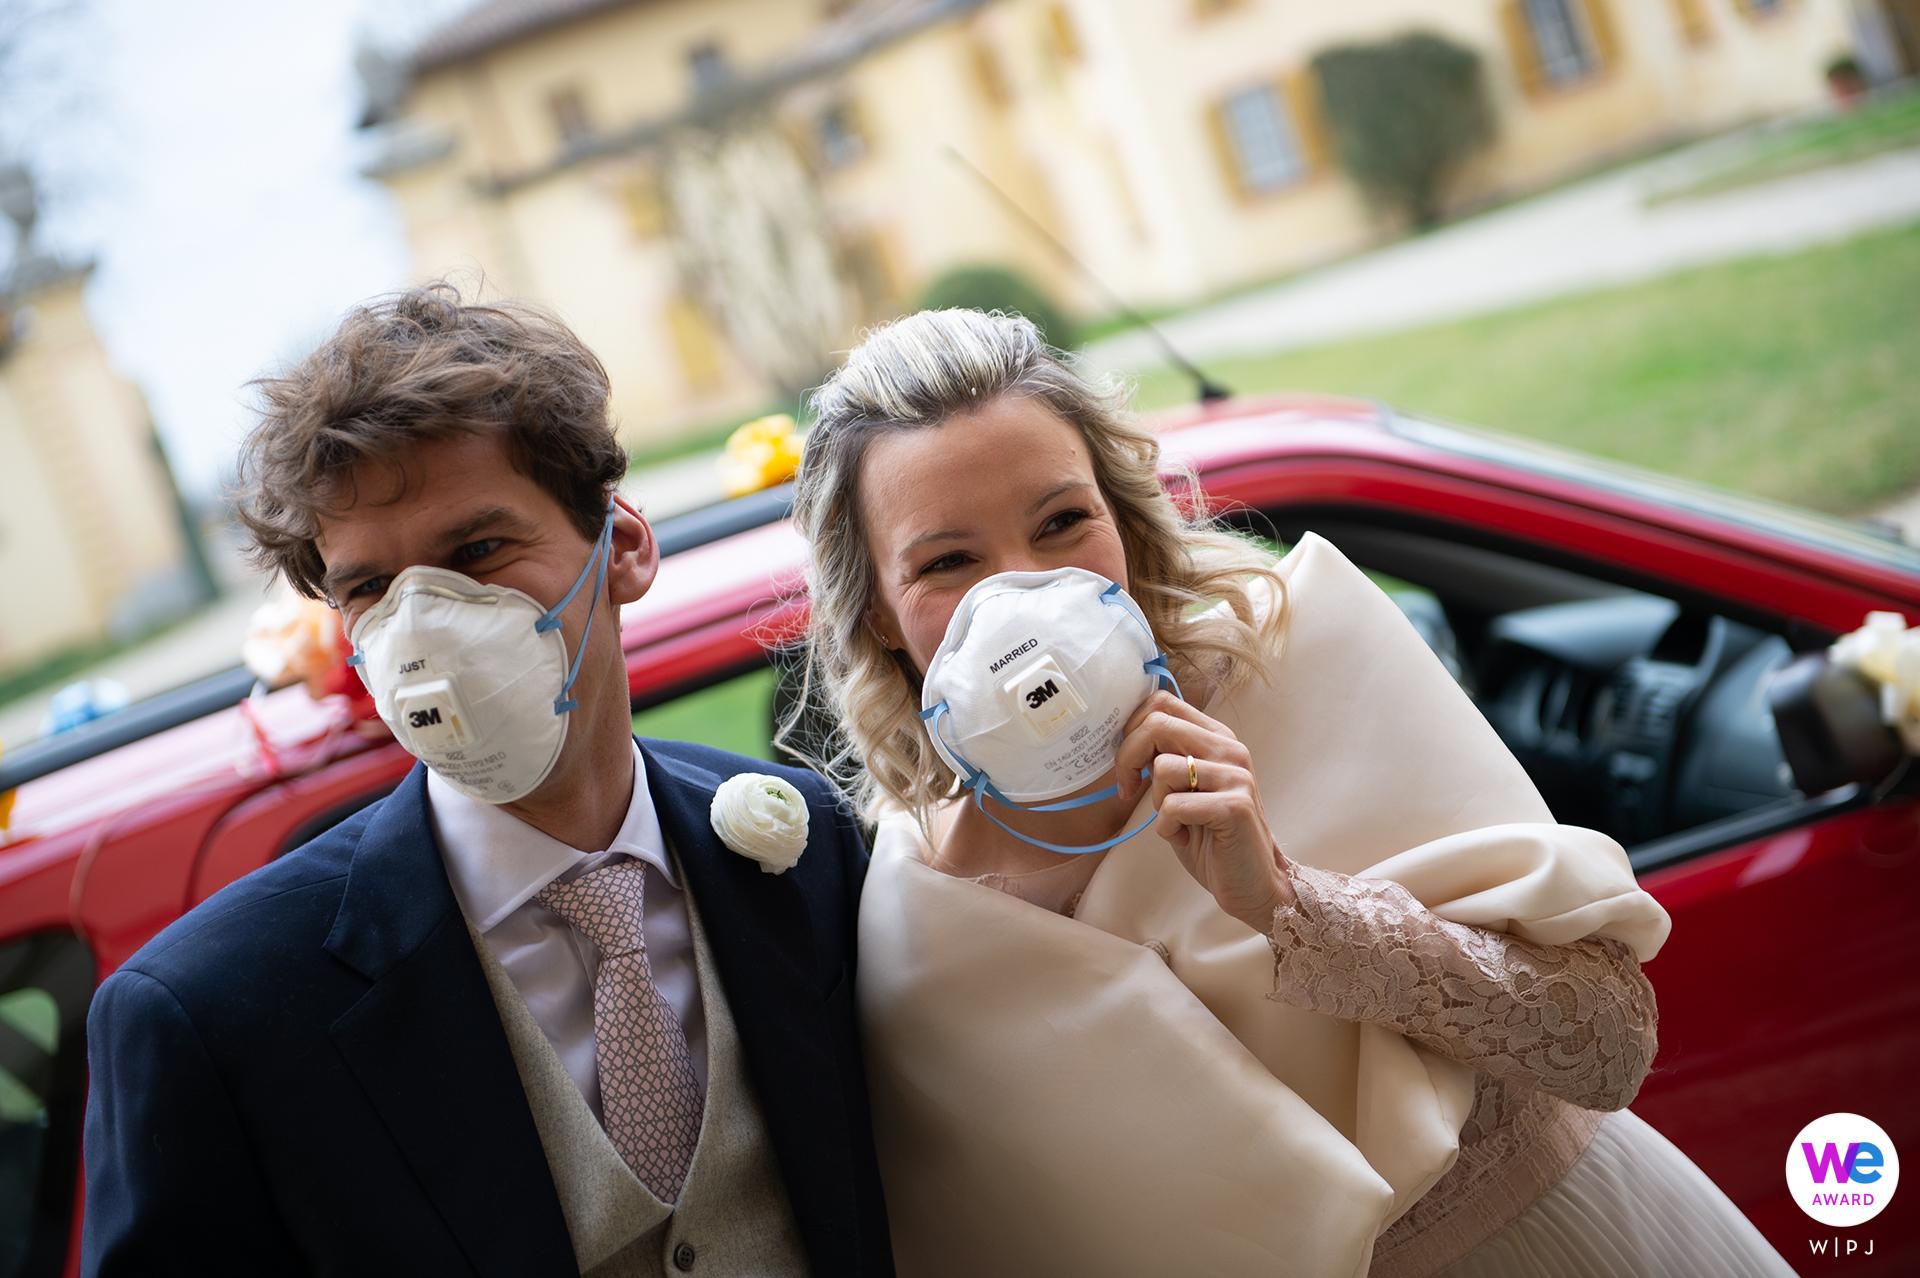 Villa Botta Adorno, Torre d Isola, Italie Elopement Photo des jeunes mariés portant des masques - Covid-19